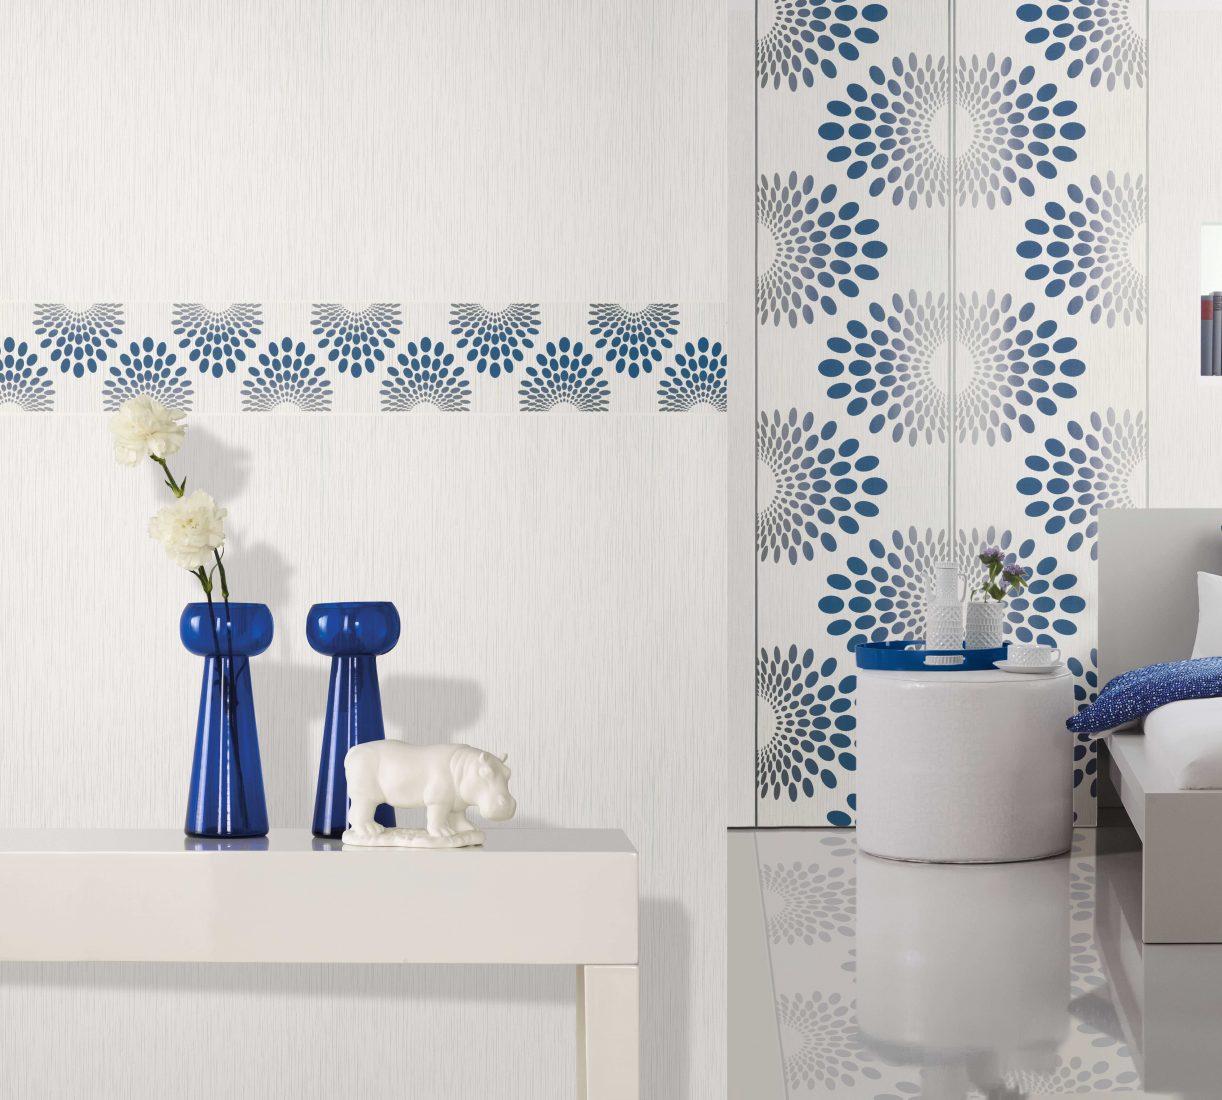 Vielfältige Designs: Tapeten ermöglichen eine individuelle Wohnraumgestaltung. Foto: Marburger Tapetenfabrik